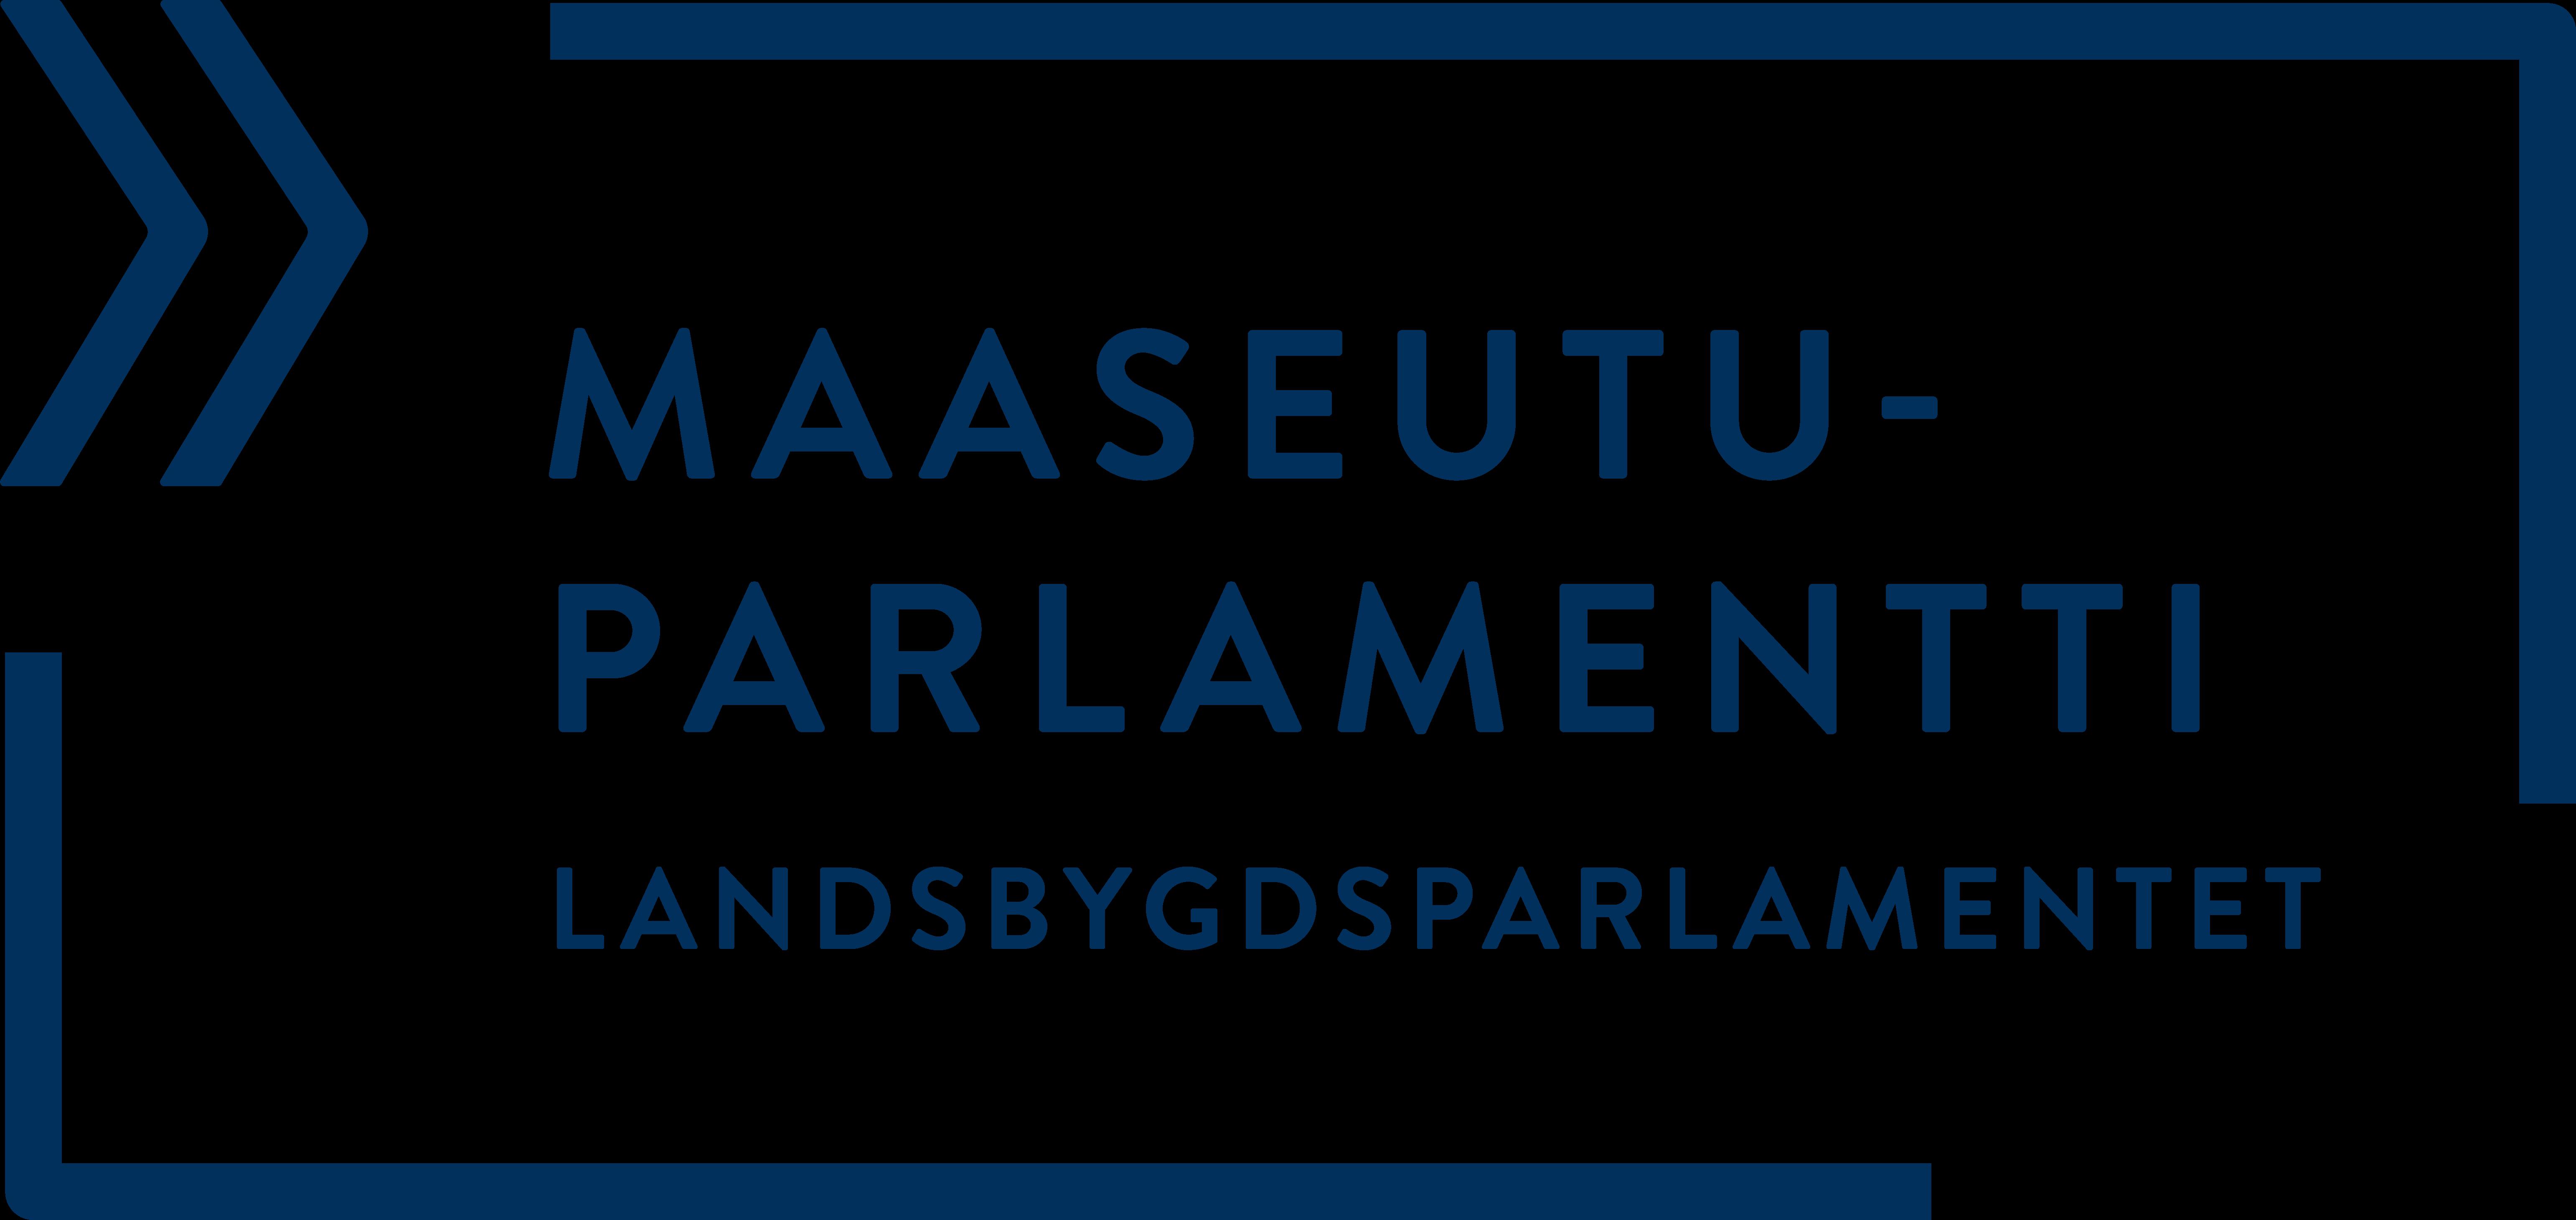 Suomeksi (Maaseutuparlamentti)